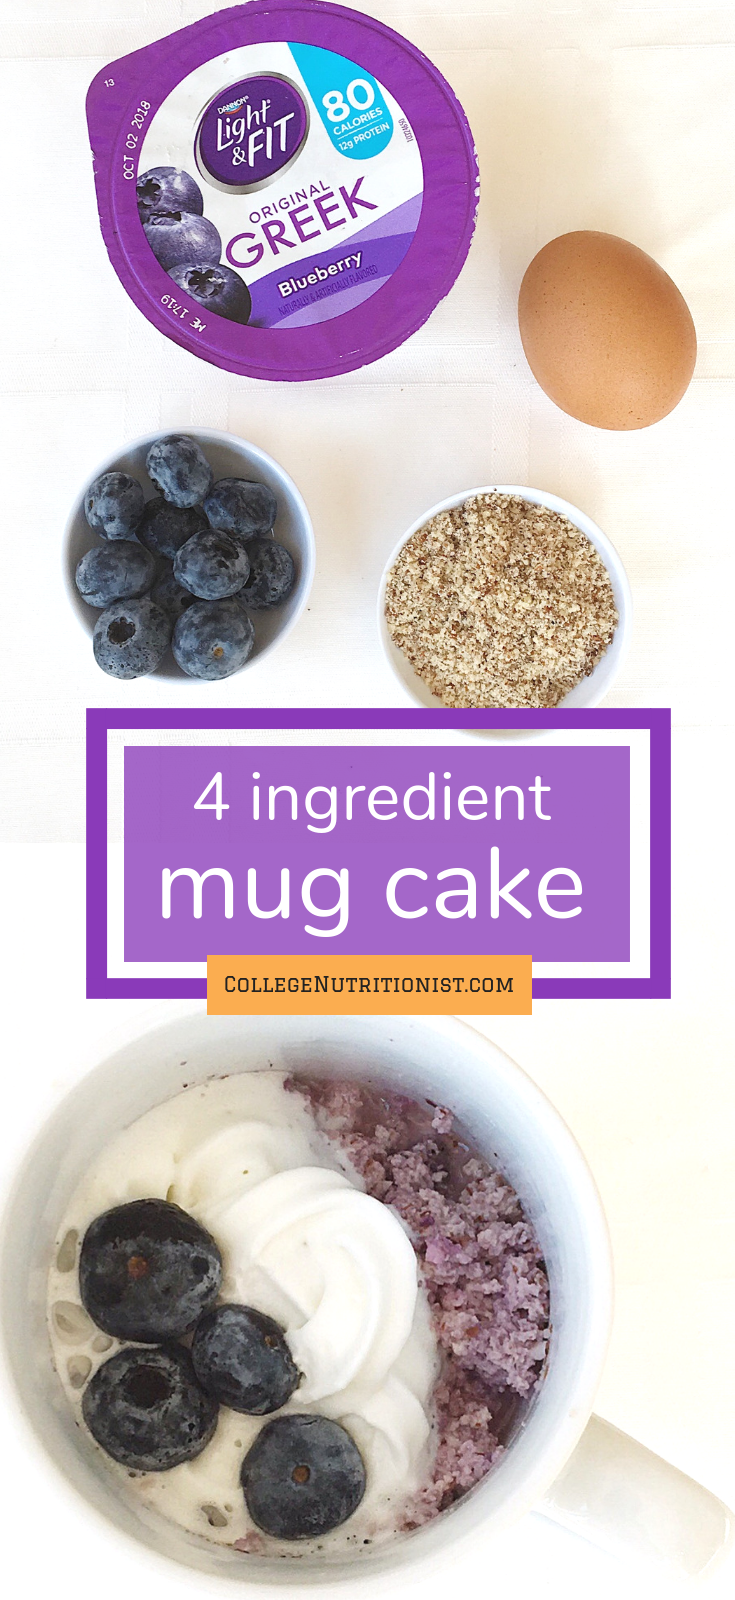 4 ingredient mug cake